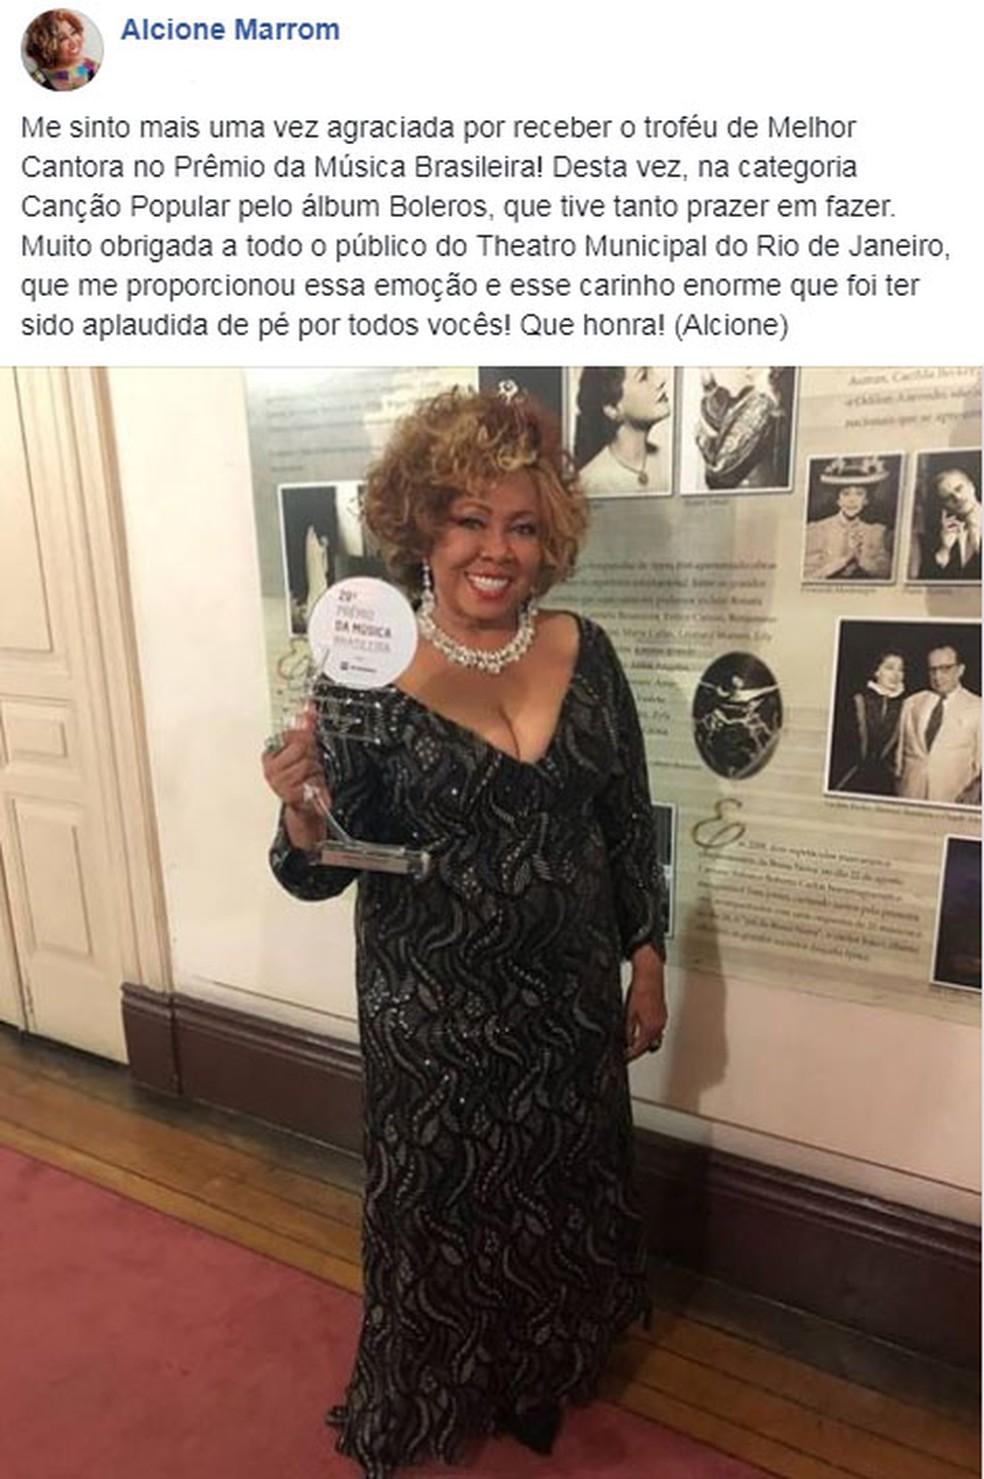 Alcione agradece nas redes sociais premiação no Prêmio da Música Brasileira (Foto: Reprodução/Facebook)